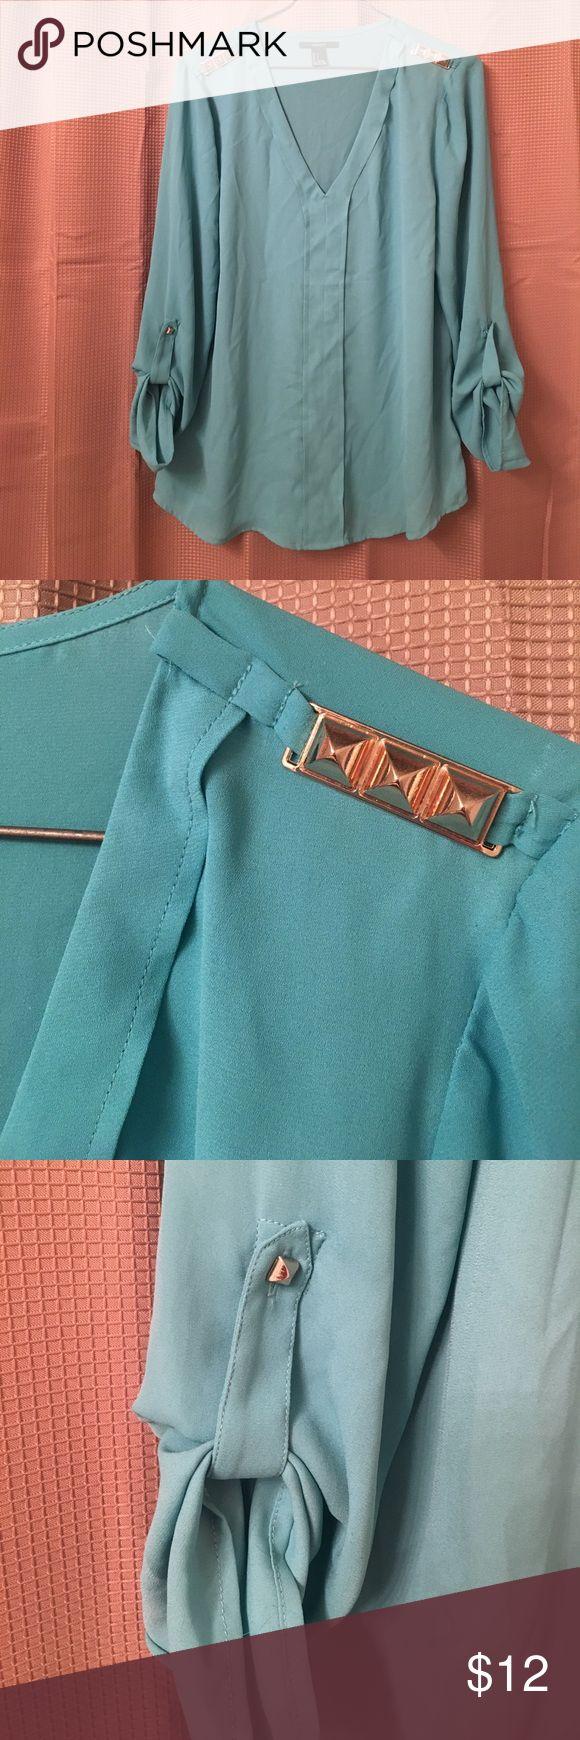 FOREVER21 blouse Teal blouse, metal gold spike shoulder details. Forever 21 Tops Blouses